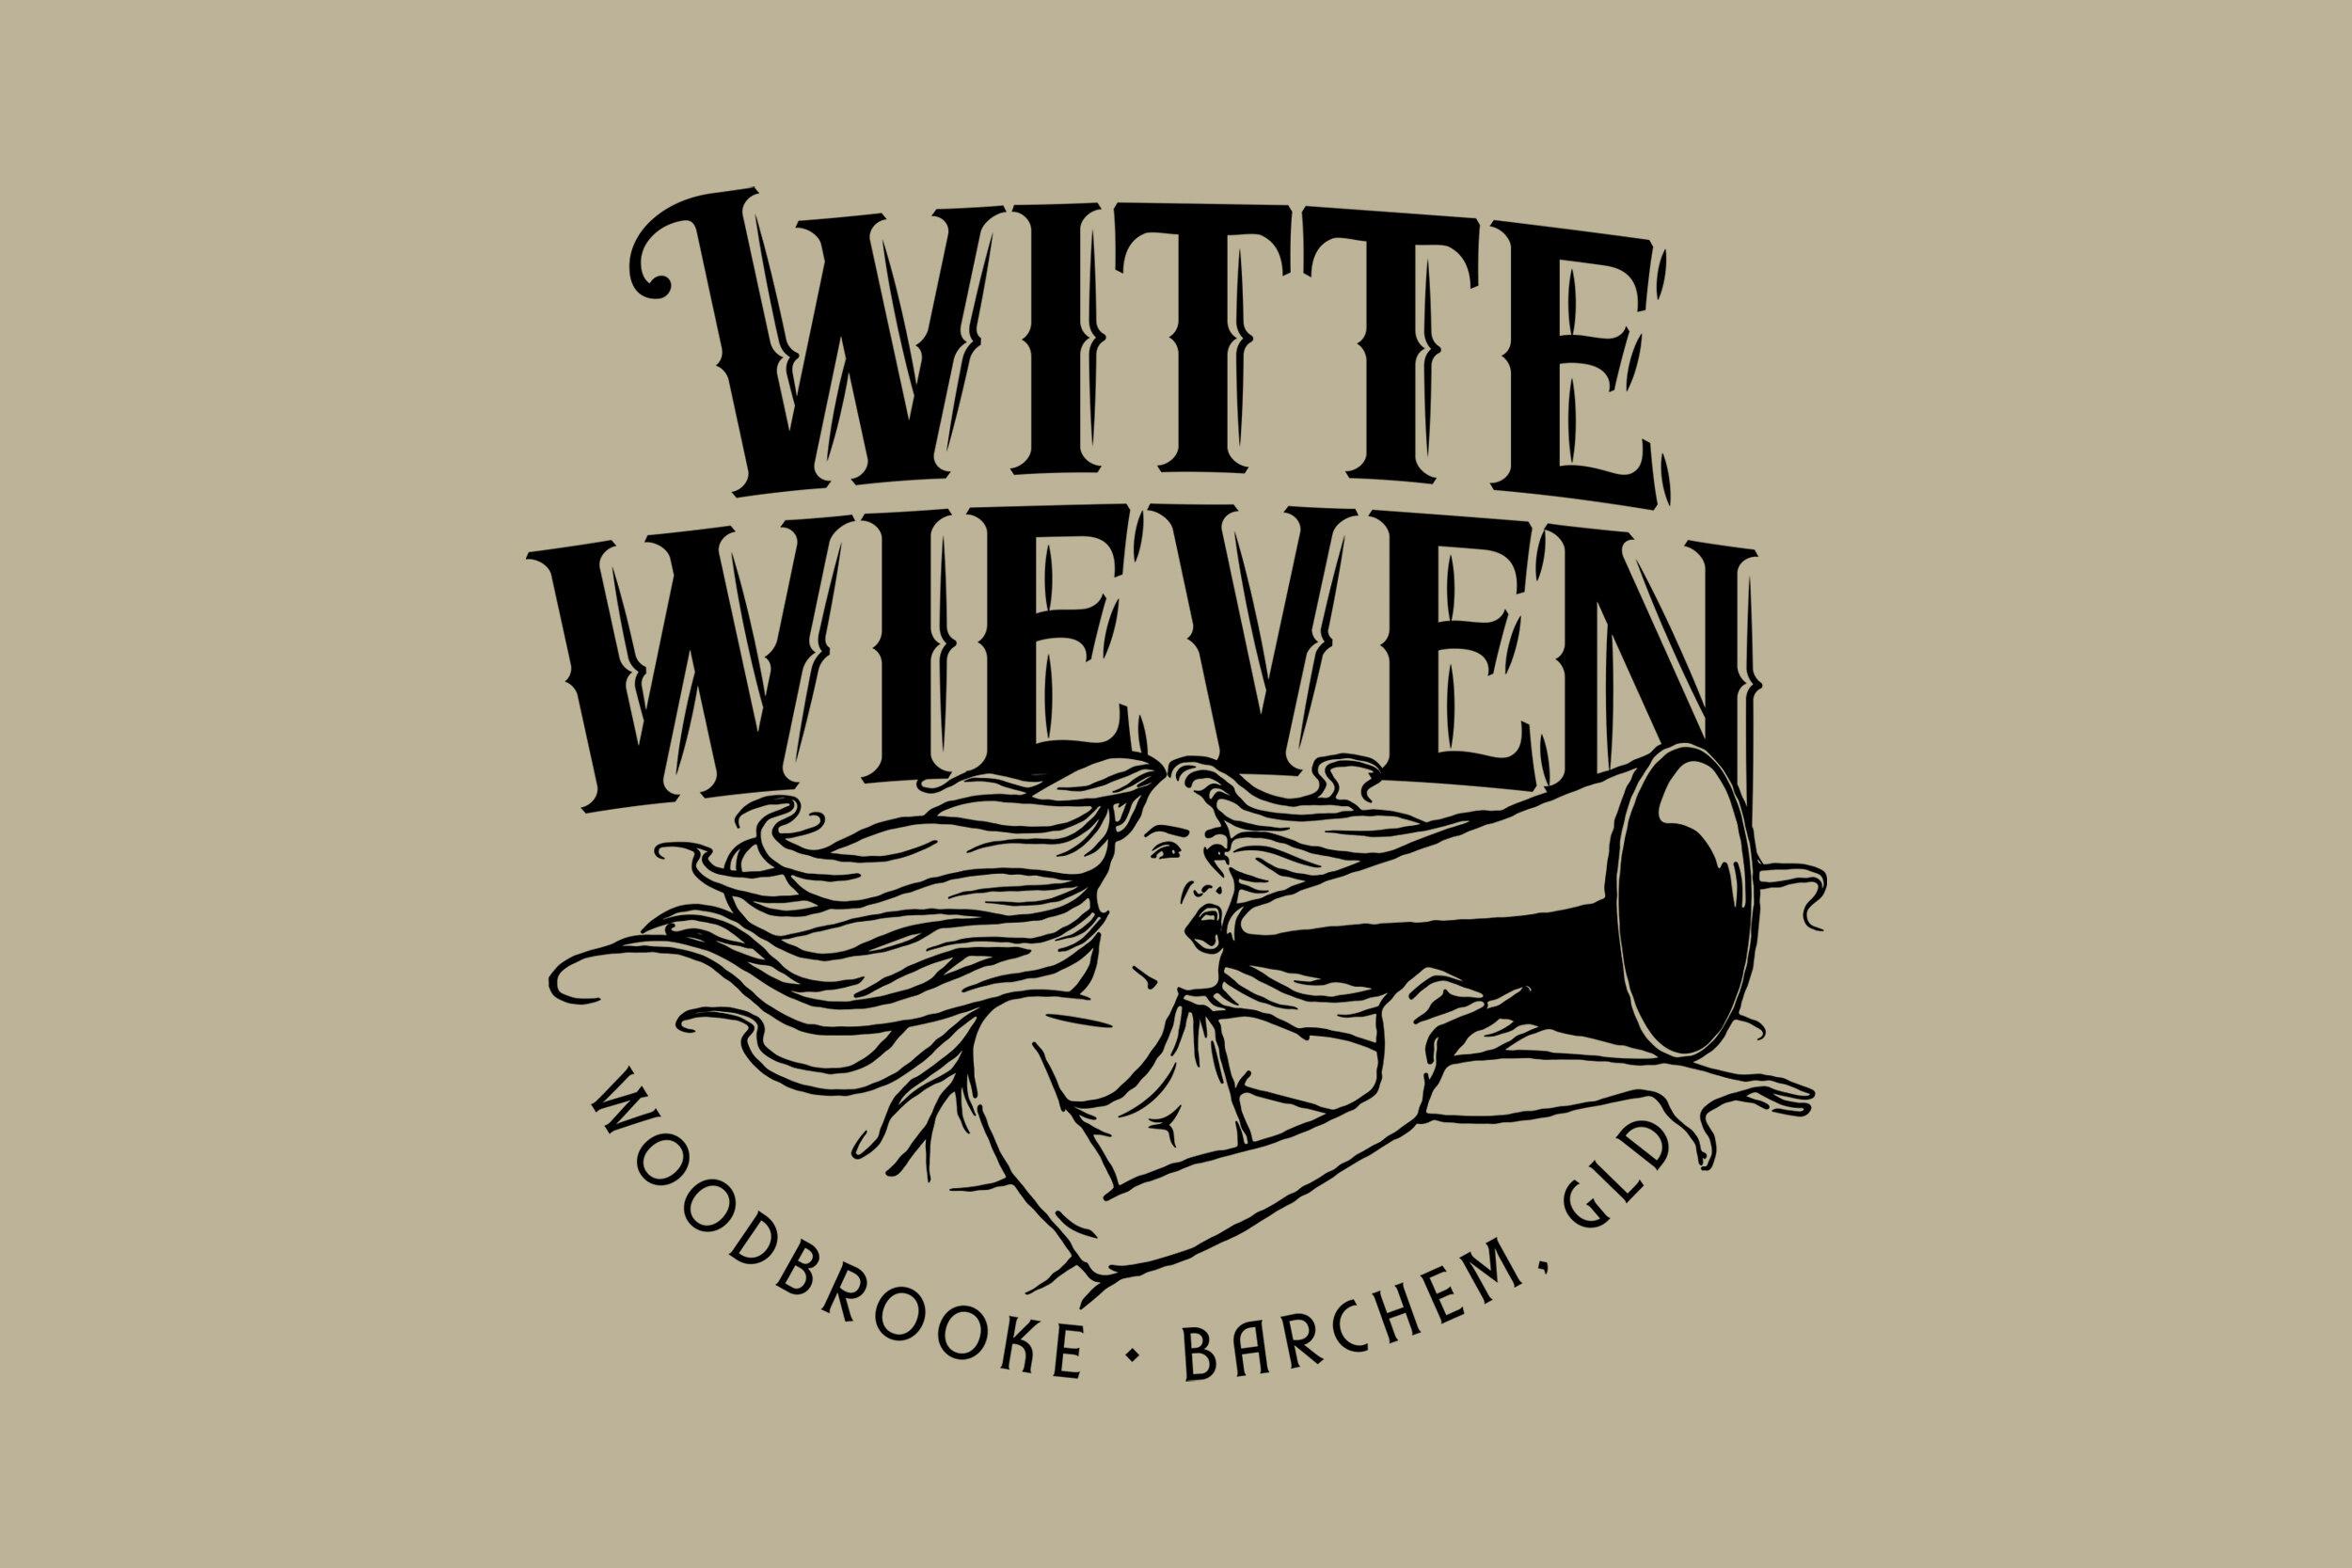 Logo_WitteWieven_Shortlife.jpg